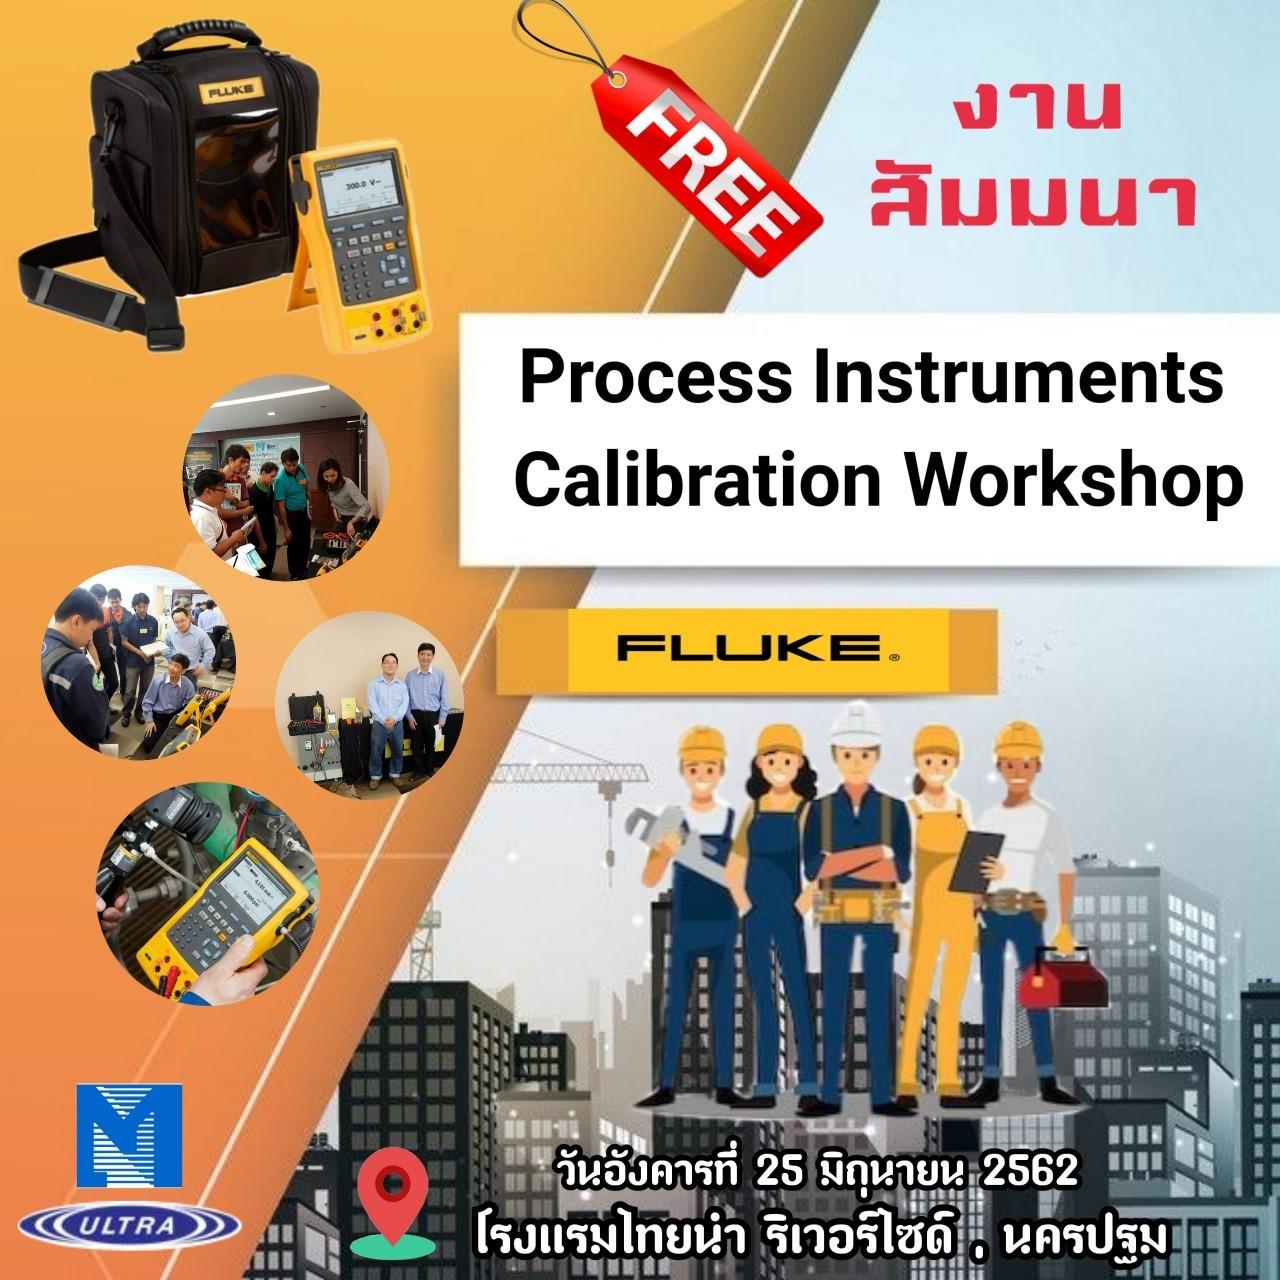 """ประมวลภาพสัมมนาเชิงปฏิบัติการเรื่อง """"Process Instruments Calibration Workshop"""""""